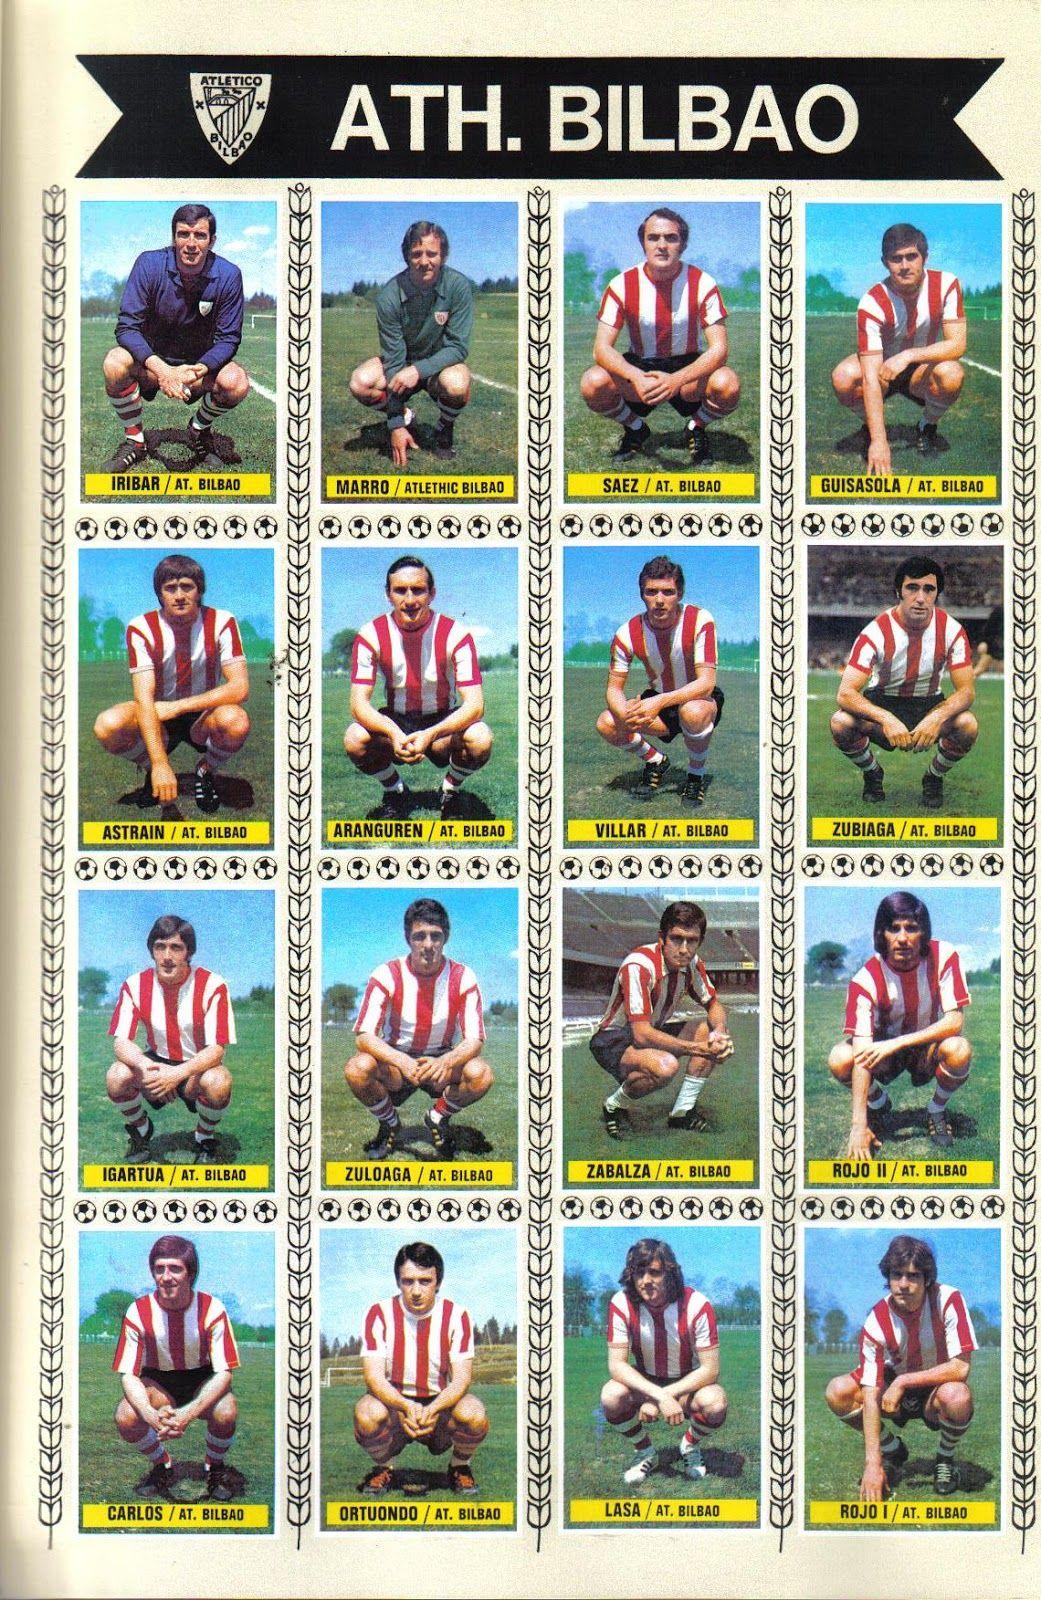 escudos Athletic Club Athletic club de bilbao, Athletic